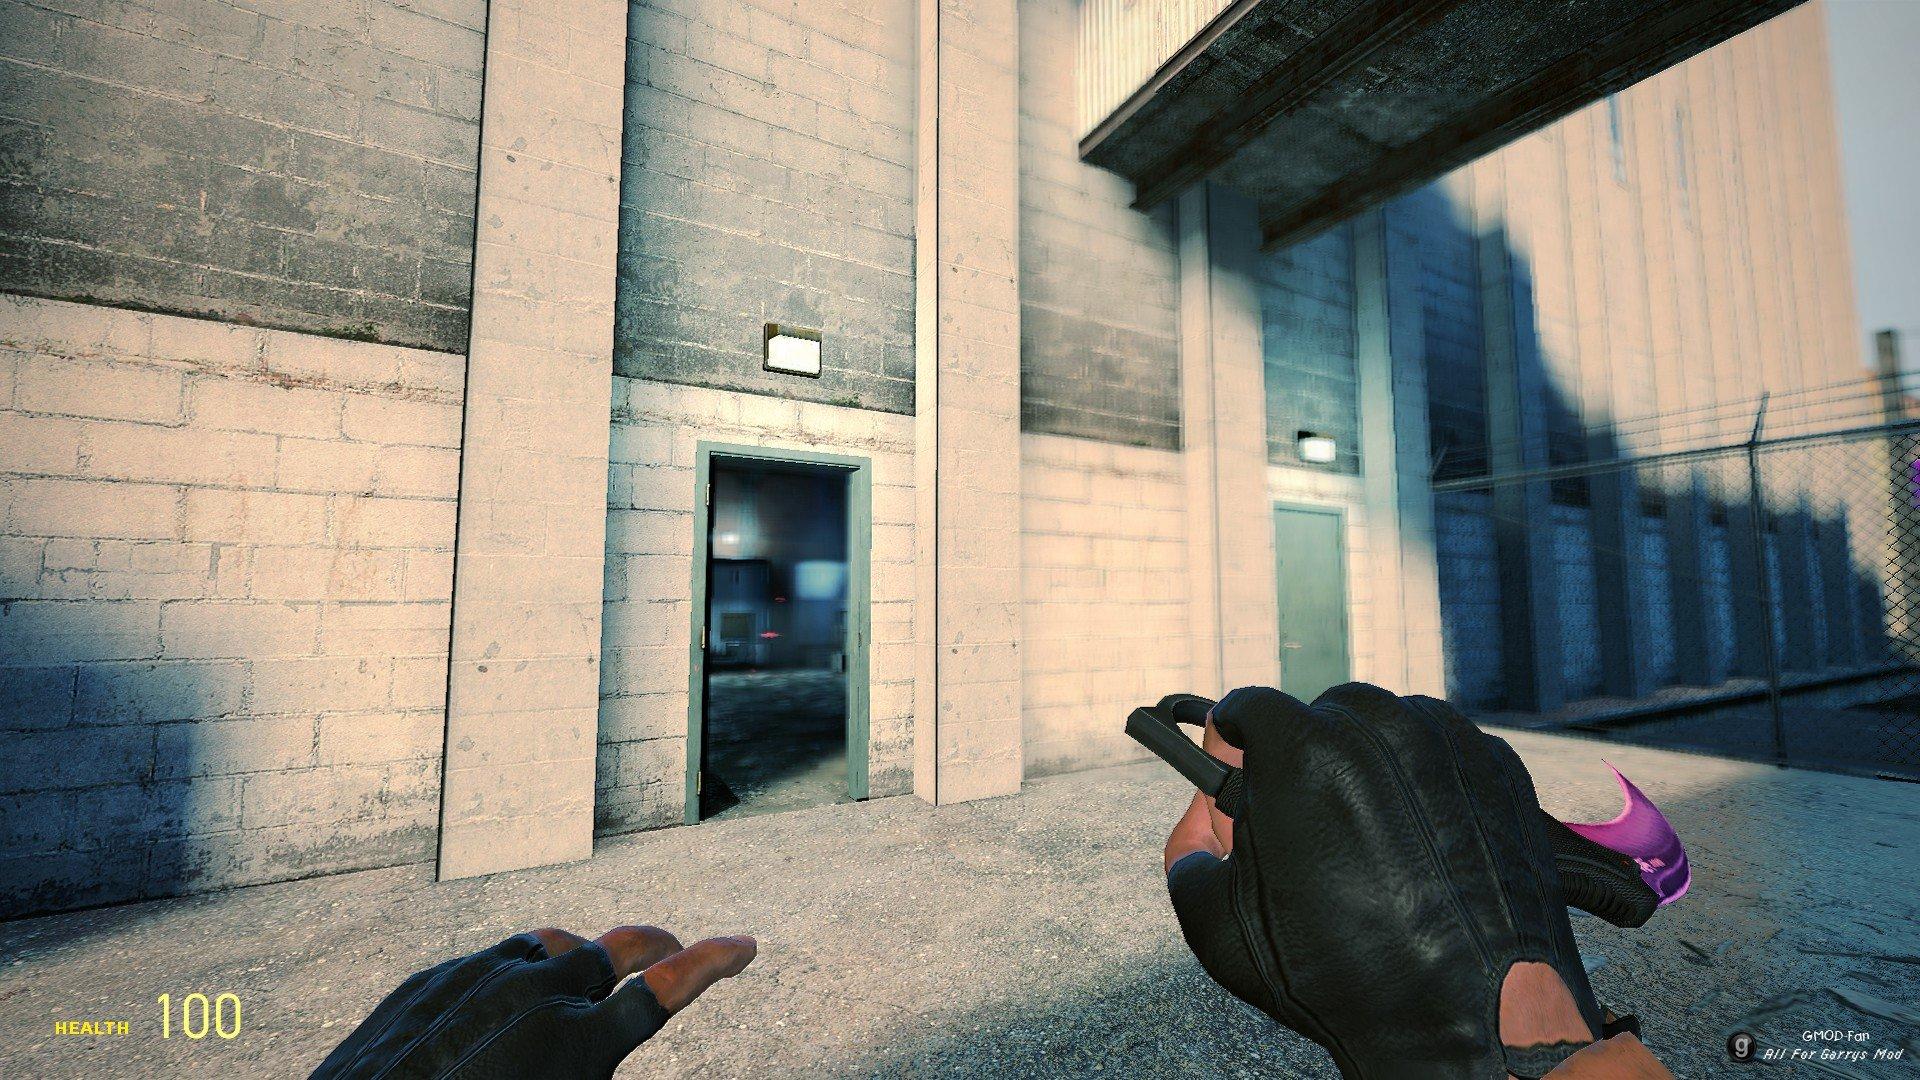 Аддоны для garry s mod 13 на оружие из кс го